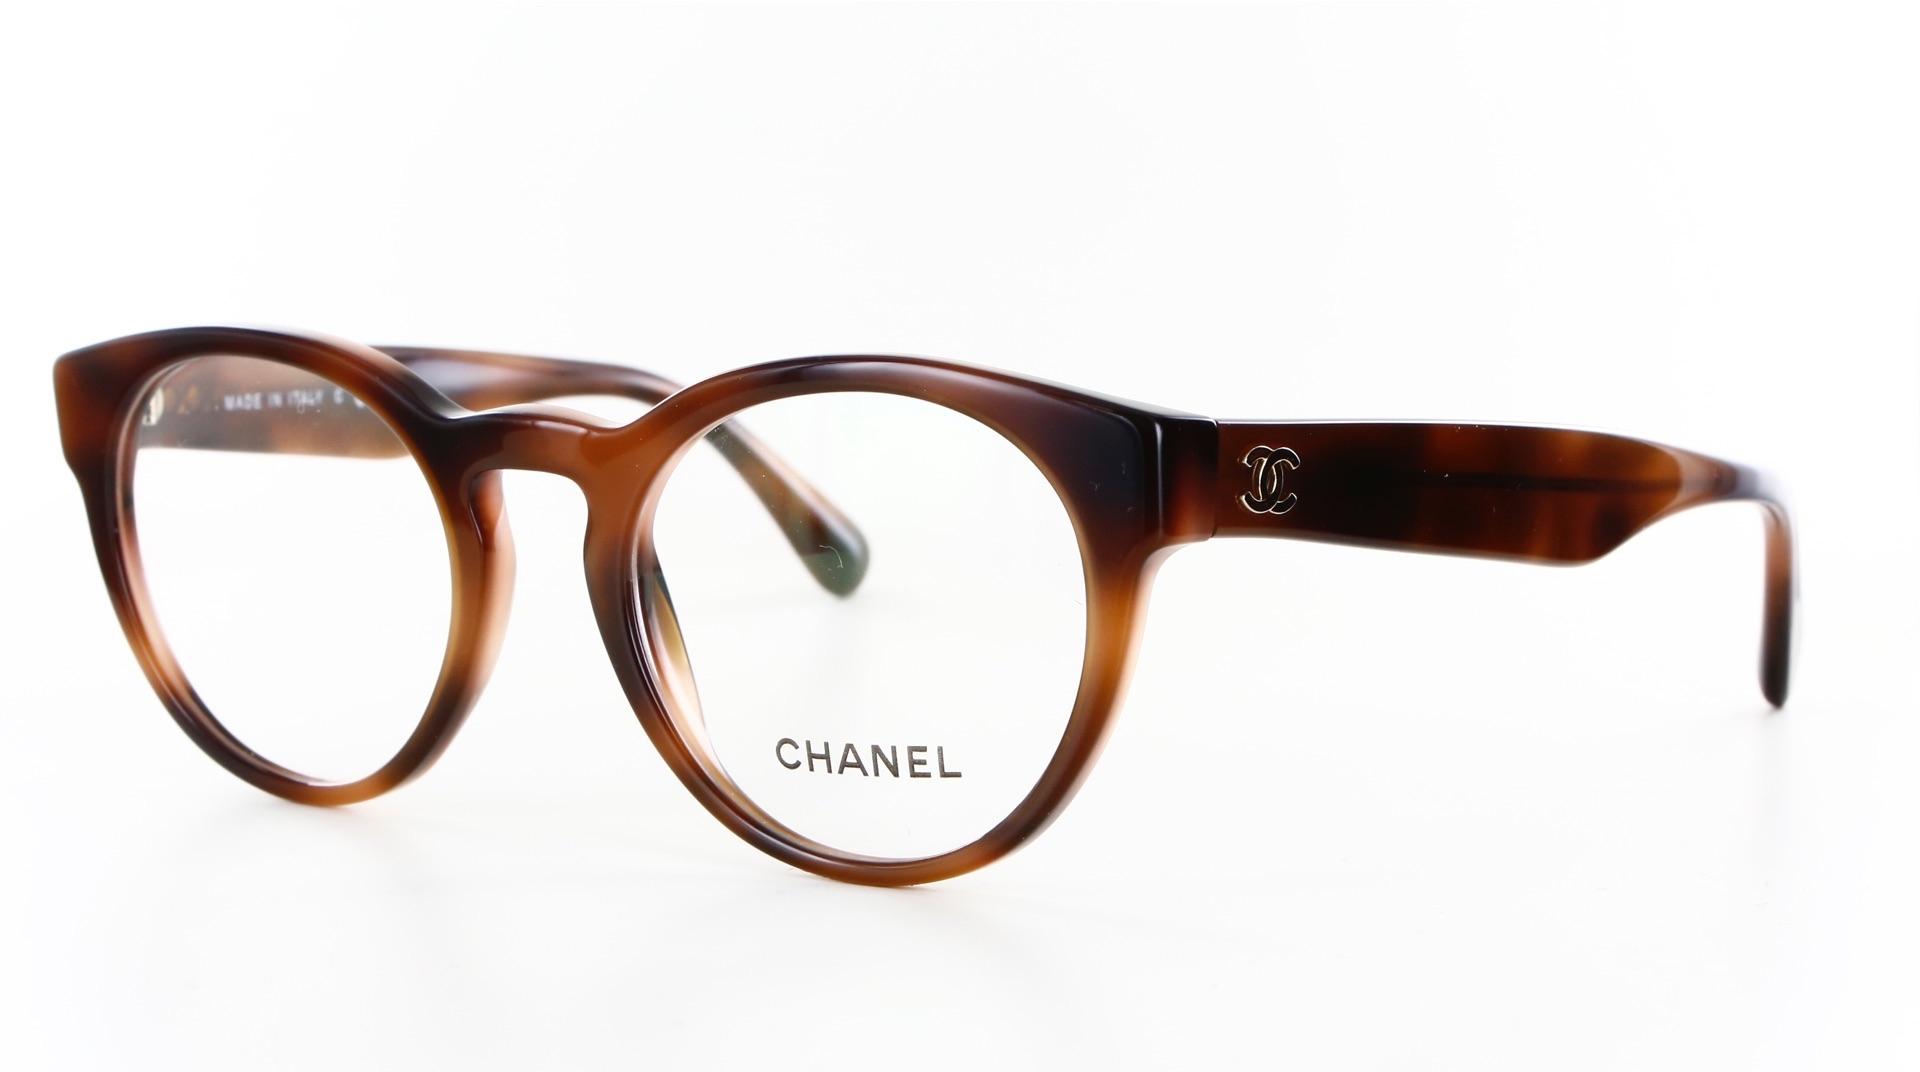 Chanel - ref: 77842